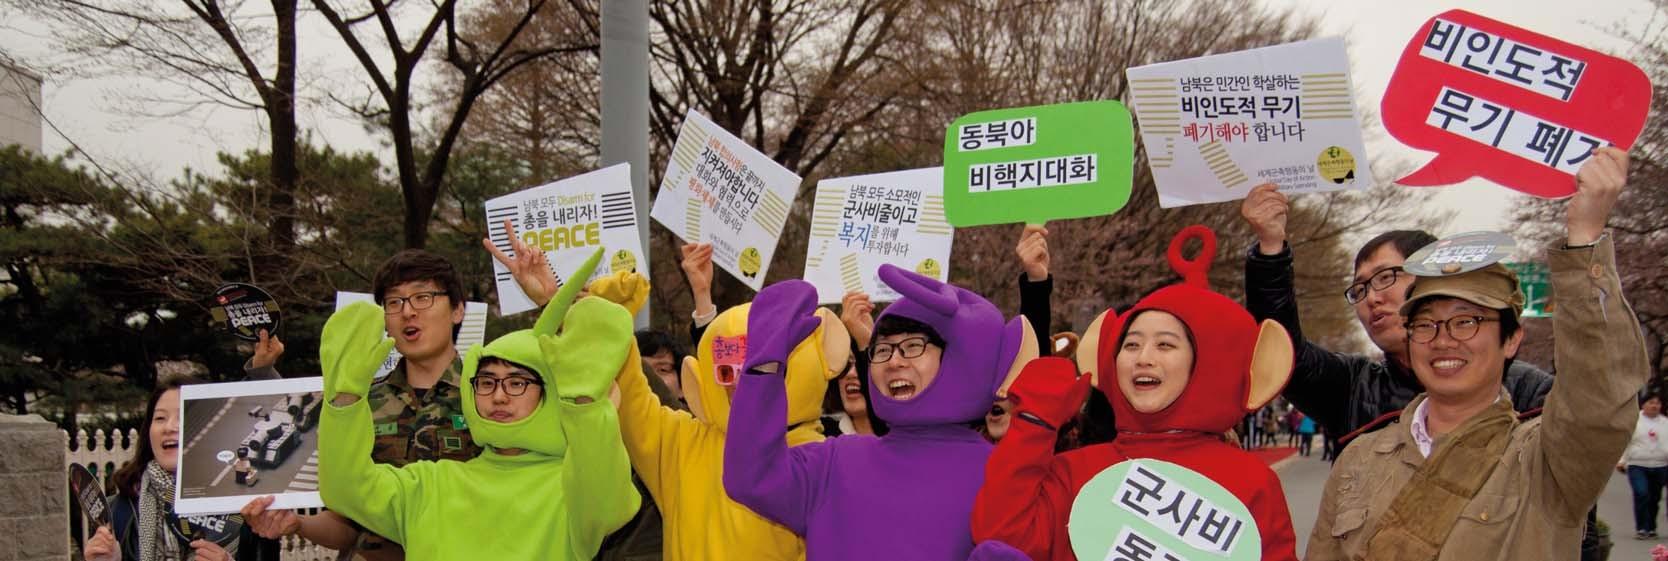 Kriegsdienstverweigerer demonstrieren in Südkorea